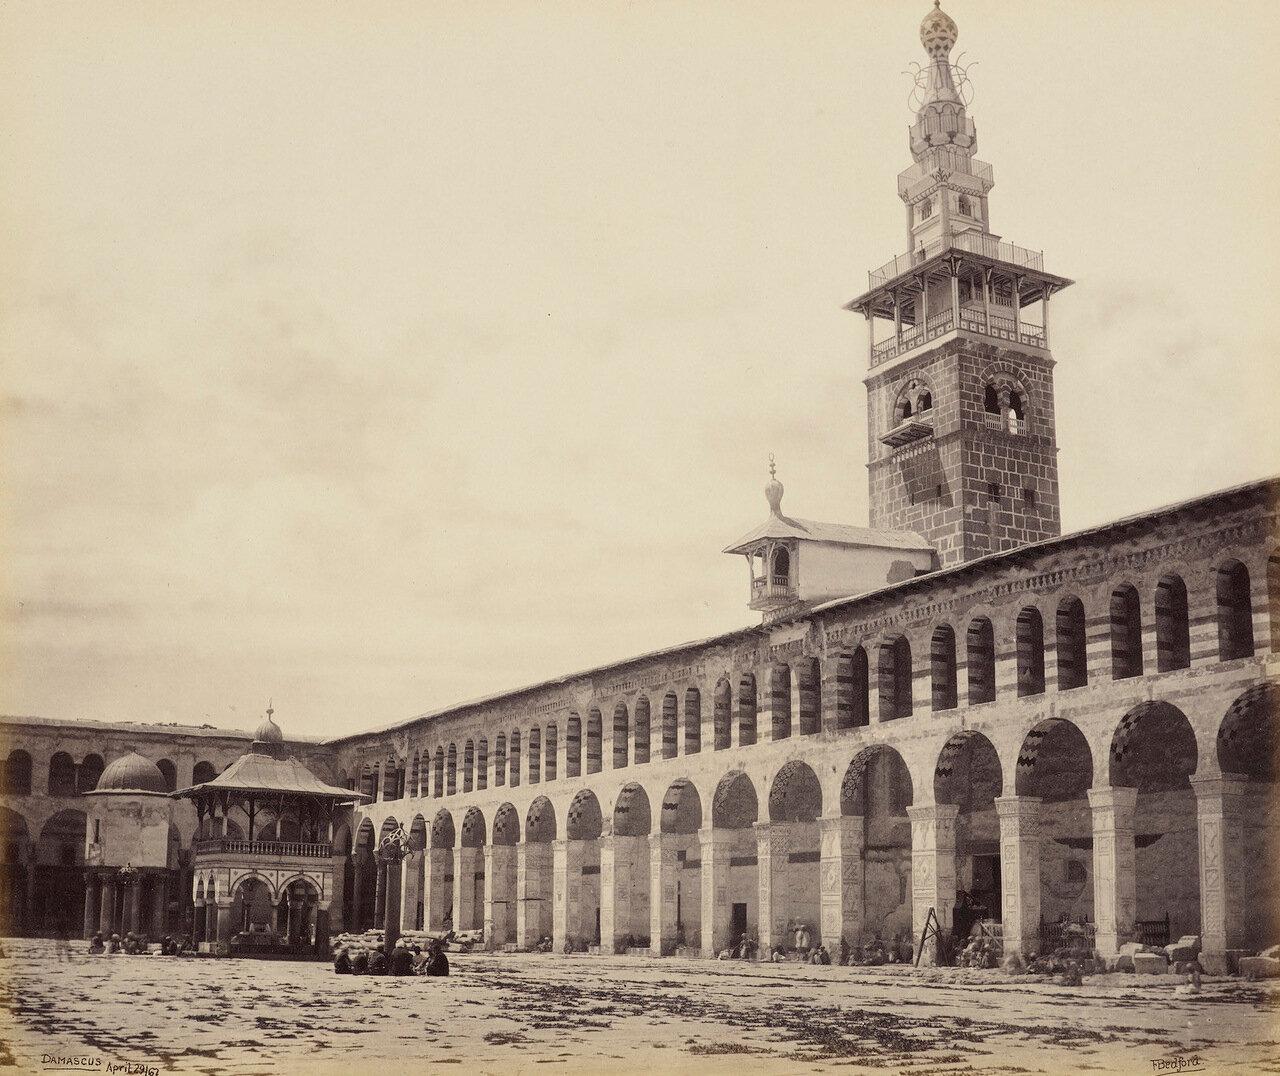 29 апреля 1862. Вид площади перед Великой мечетью. Дамаск